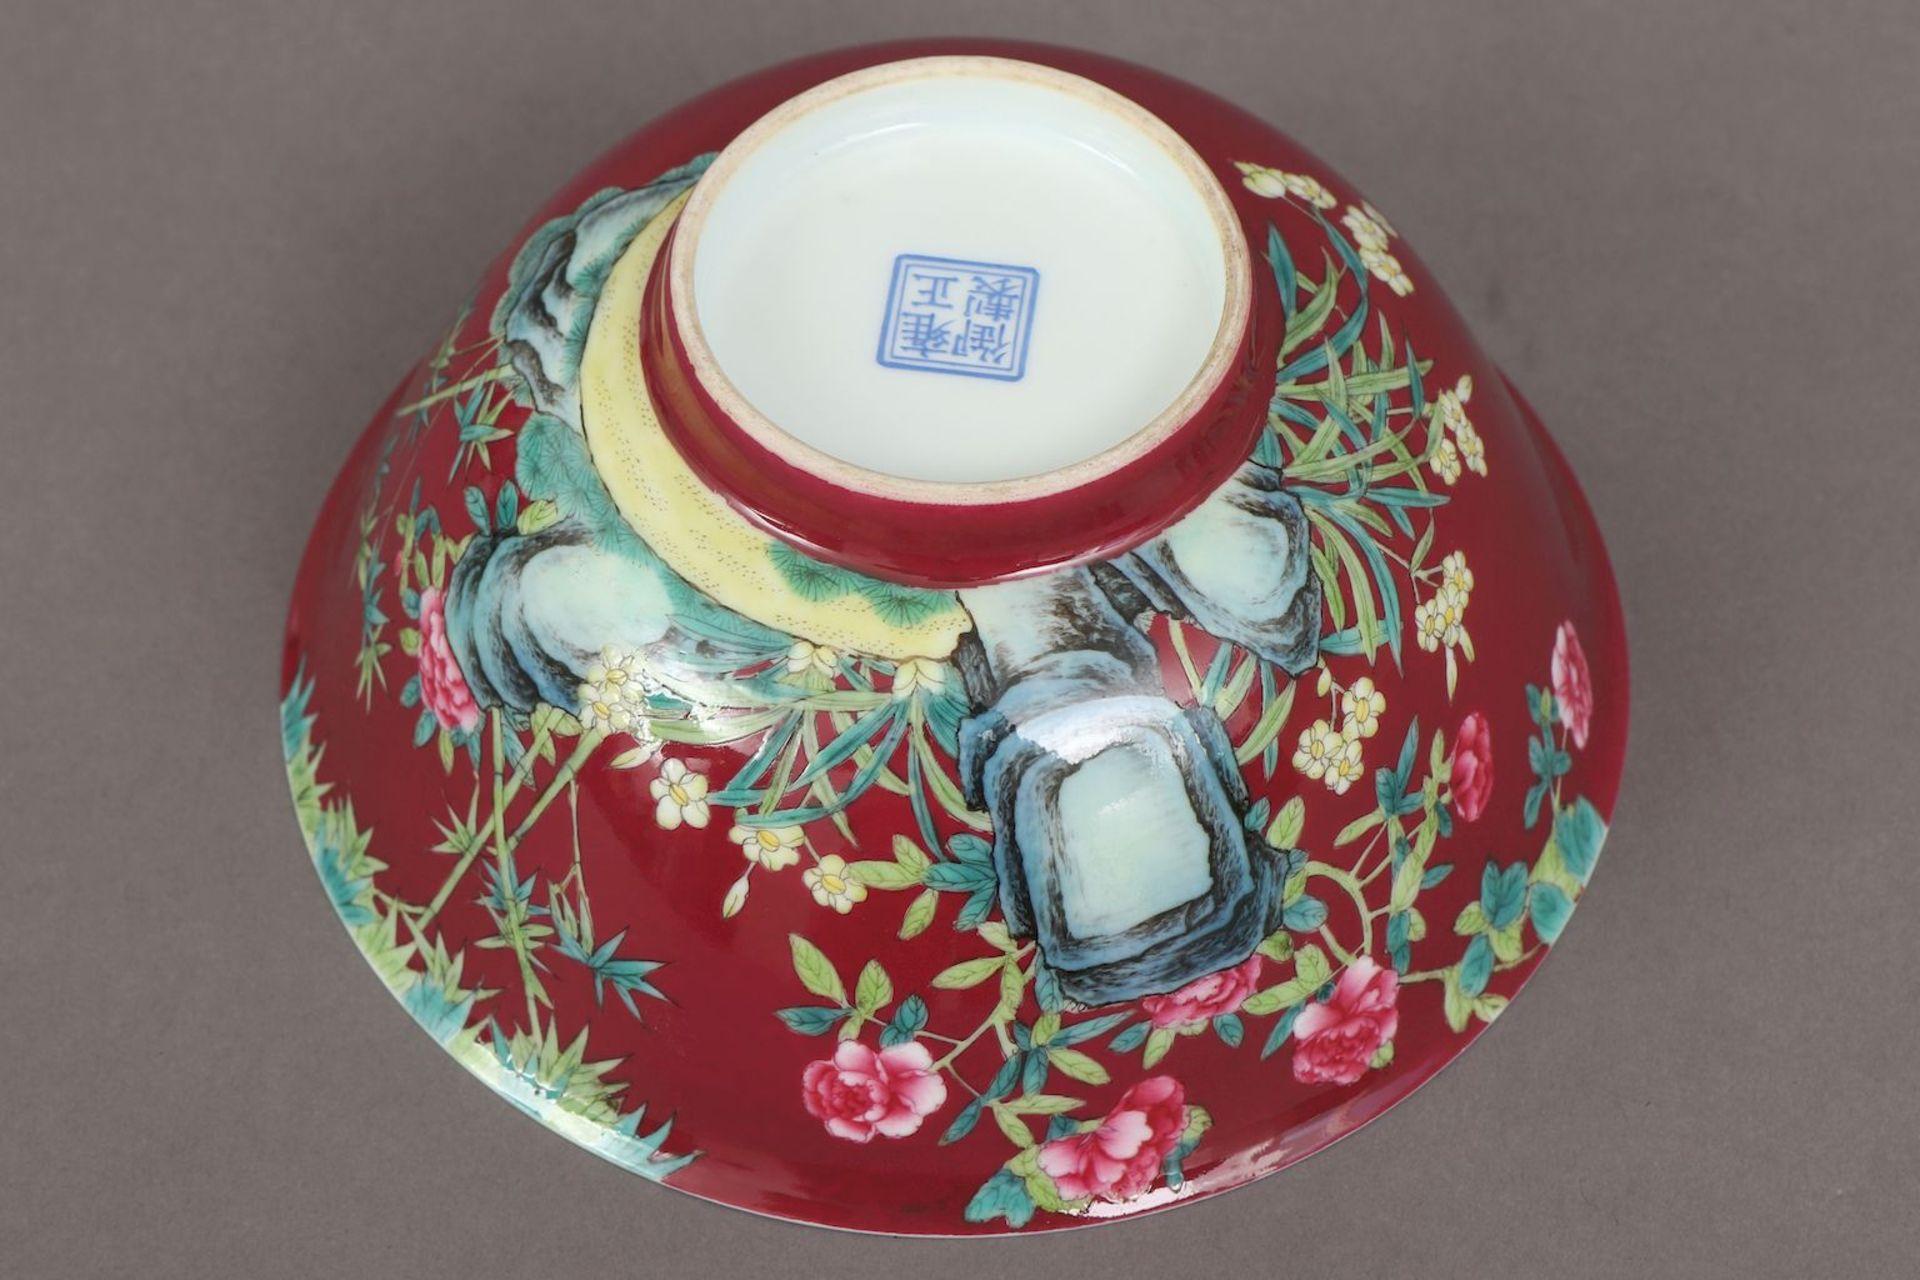 Chinesische Schale des 20./21. Jahrhunderts - Image 4 of 4